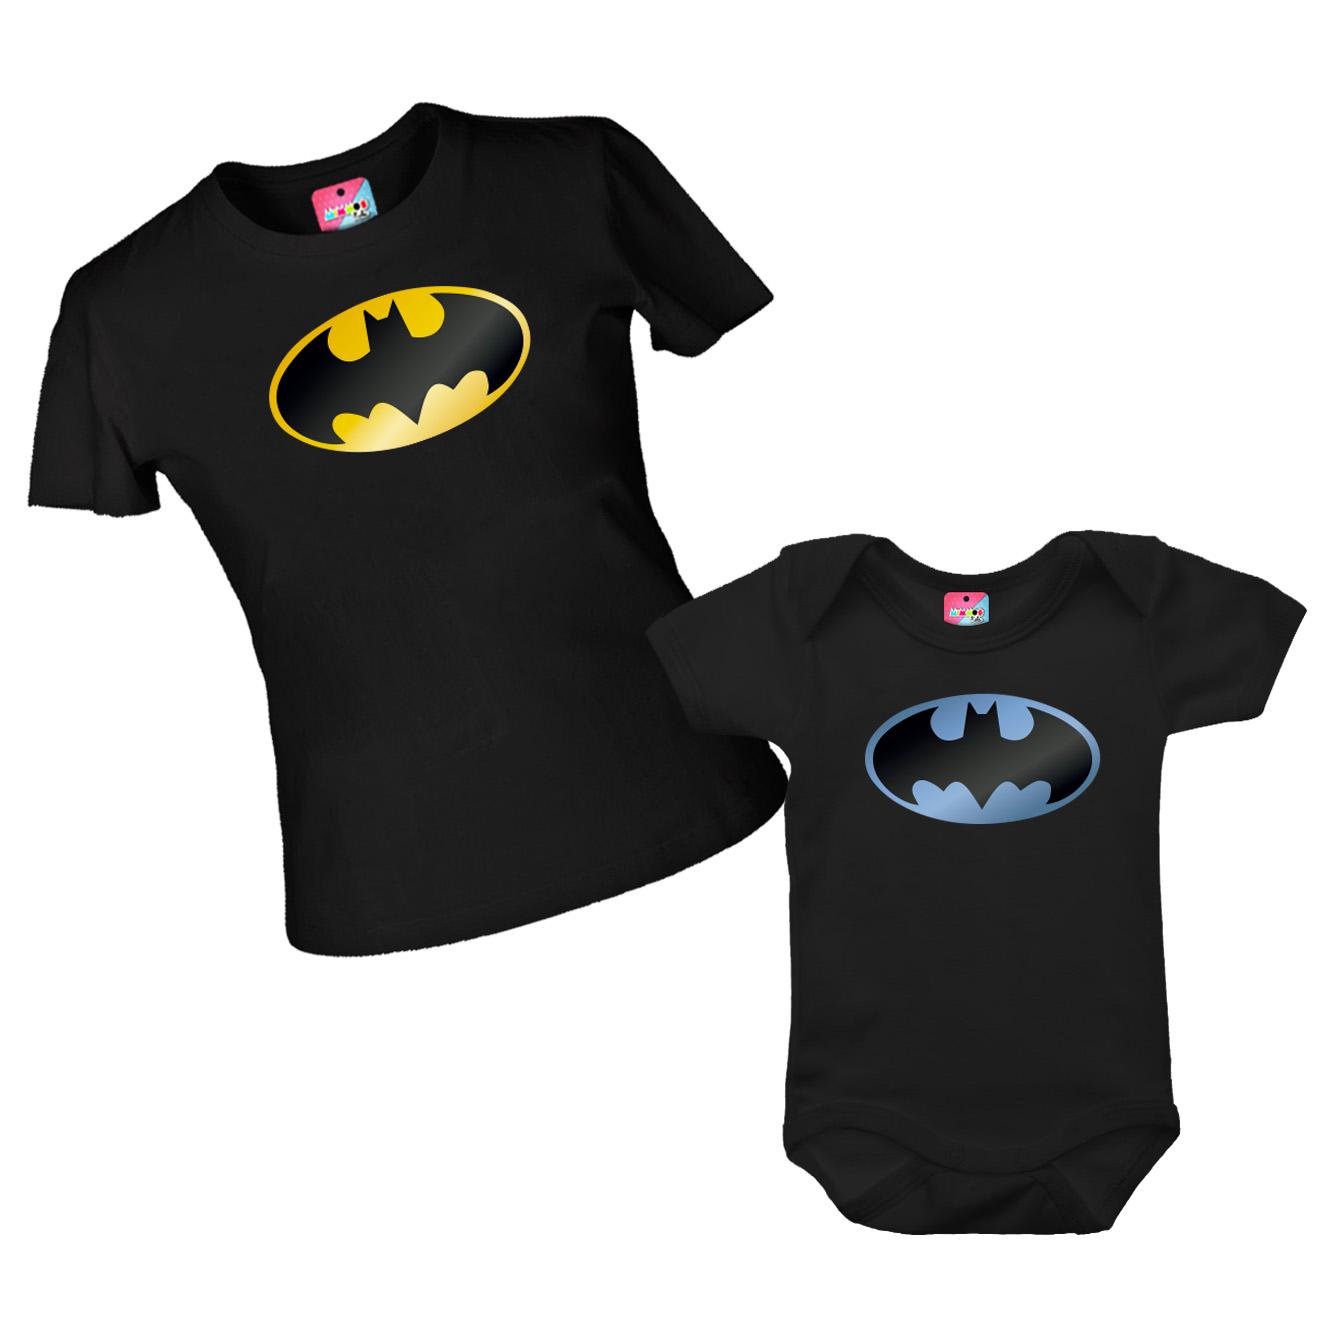 Kit Camiseta e Body - Tal Pai Tal Filho - Símbolo do Batman